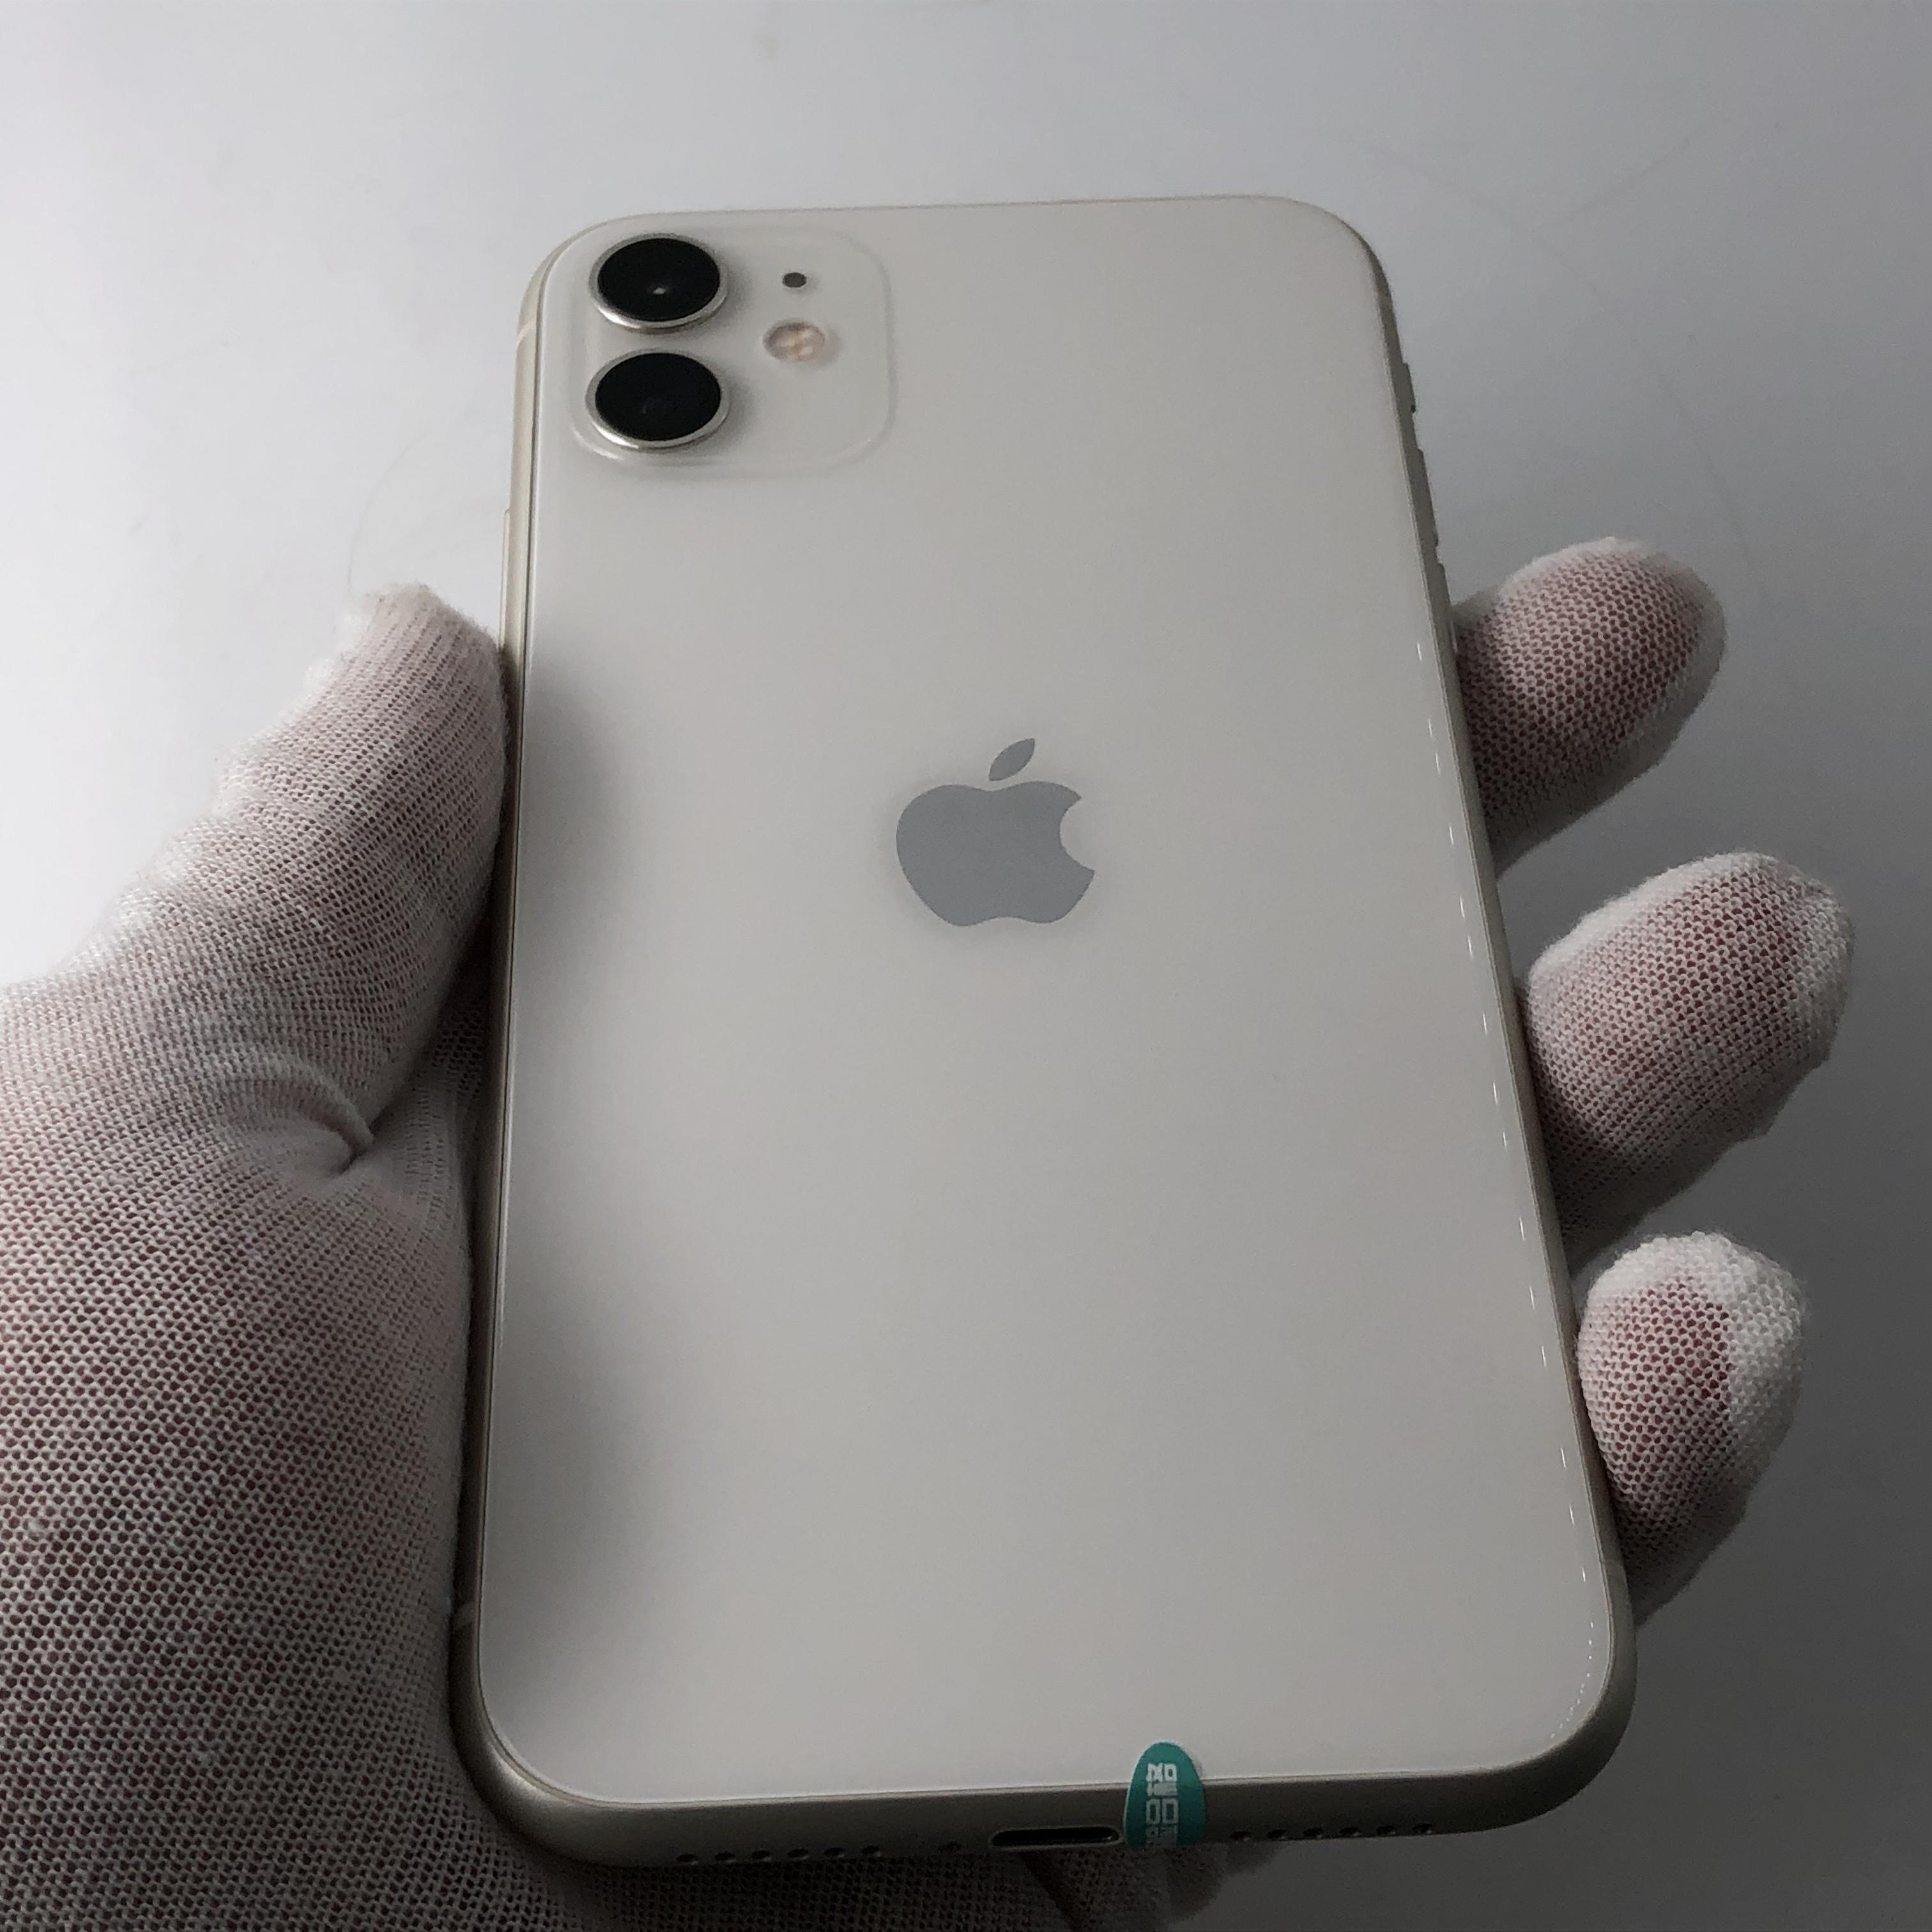 苹果【iPhone 11】4G全网通 白色 128G 国行 95新